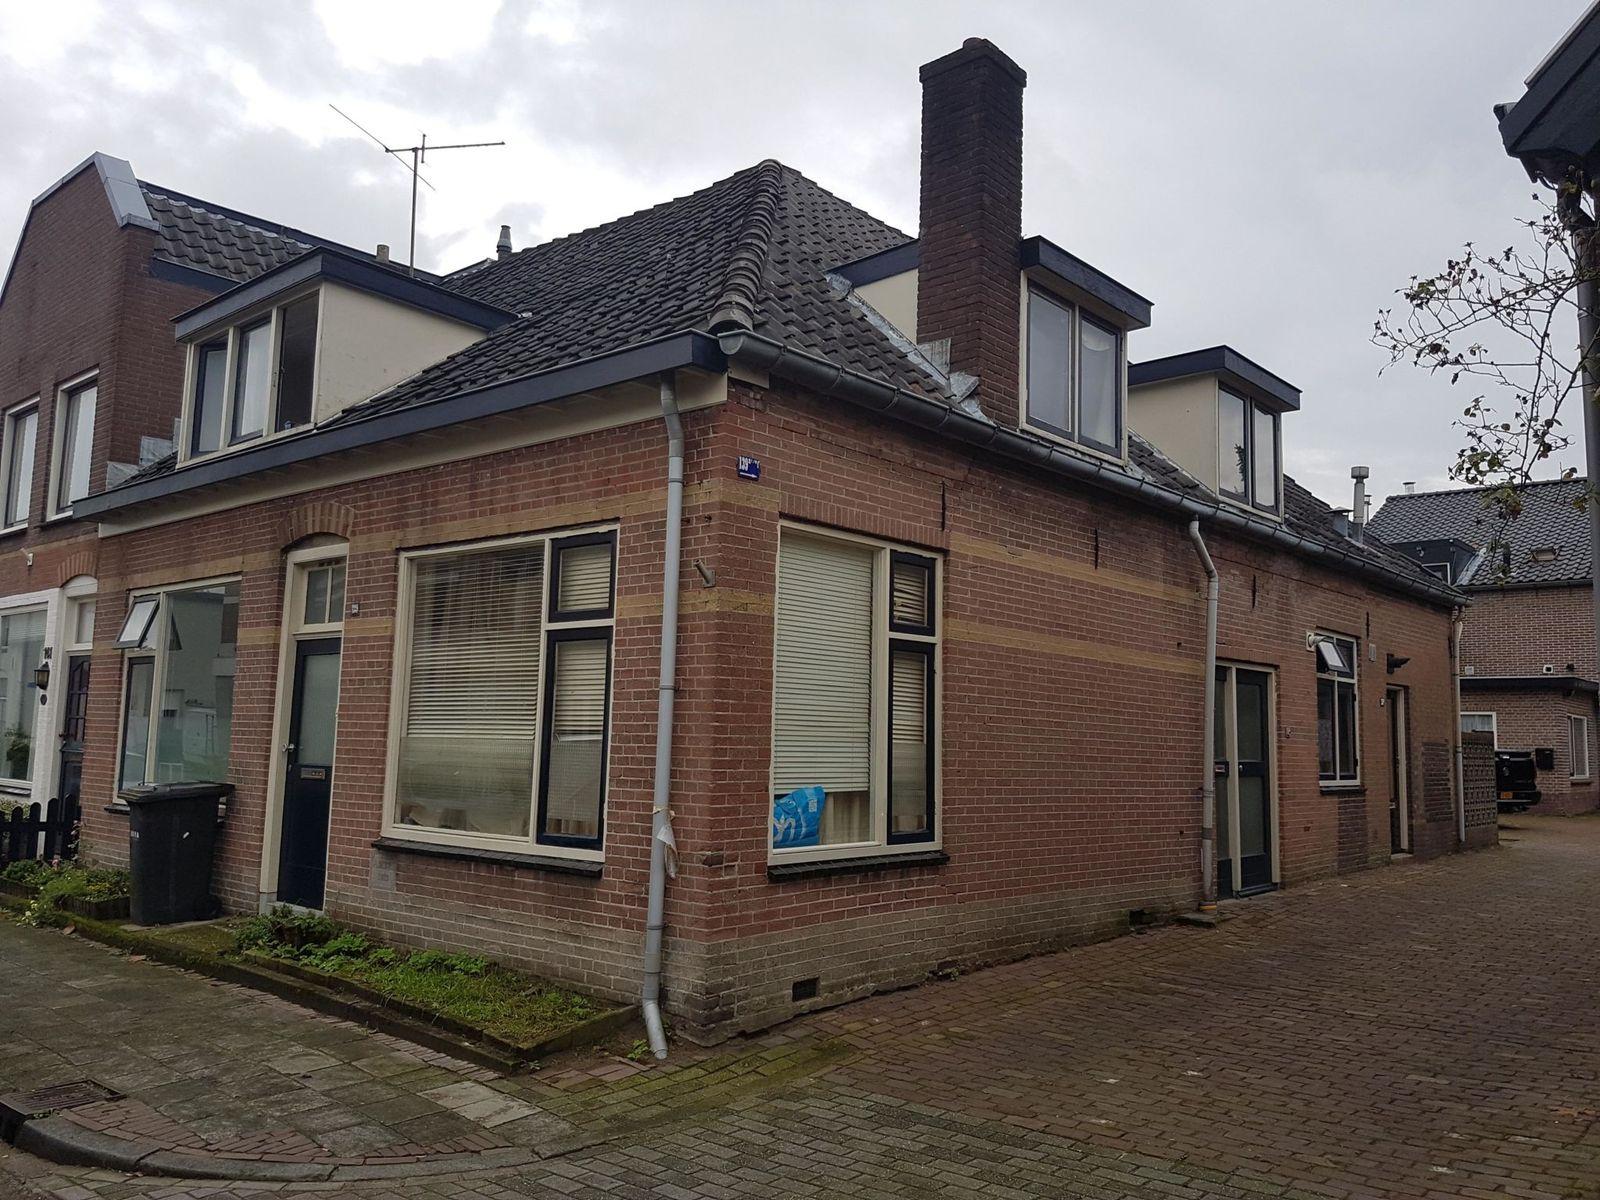 Bisschopsweg, Amersfoort